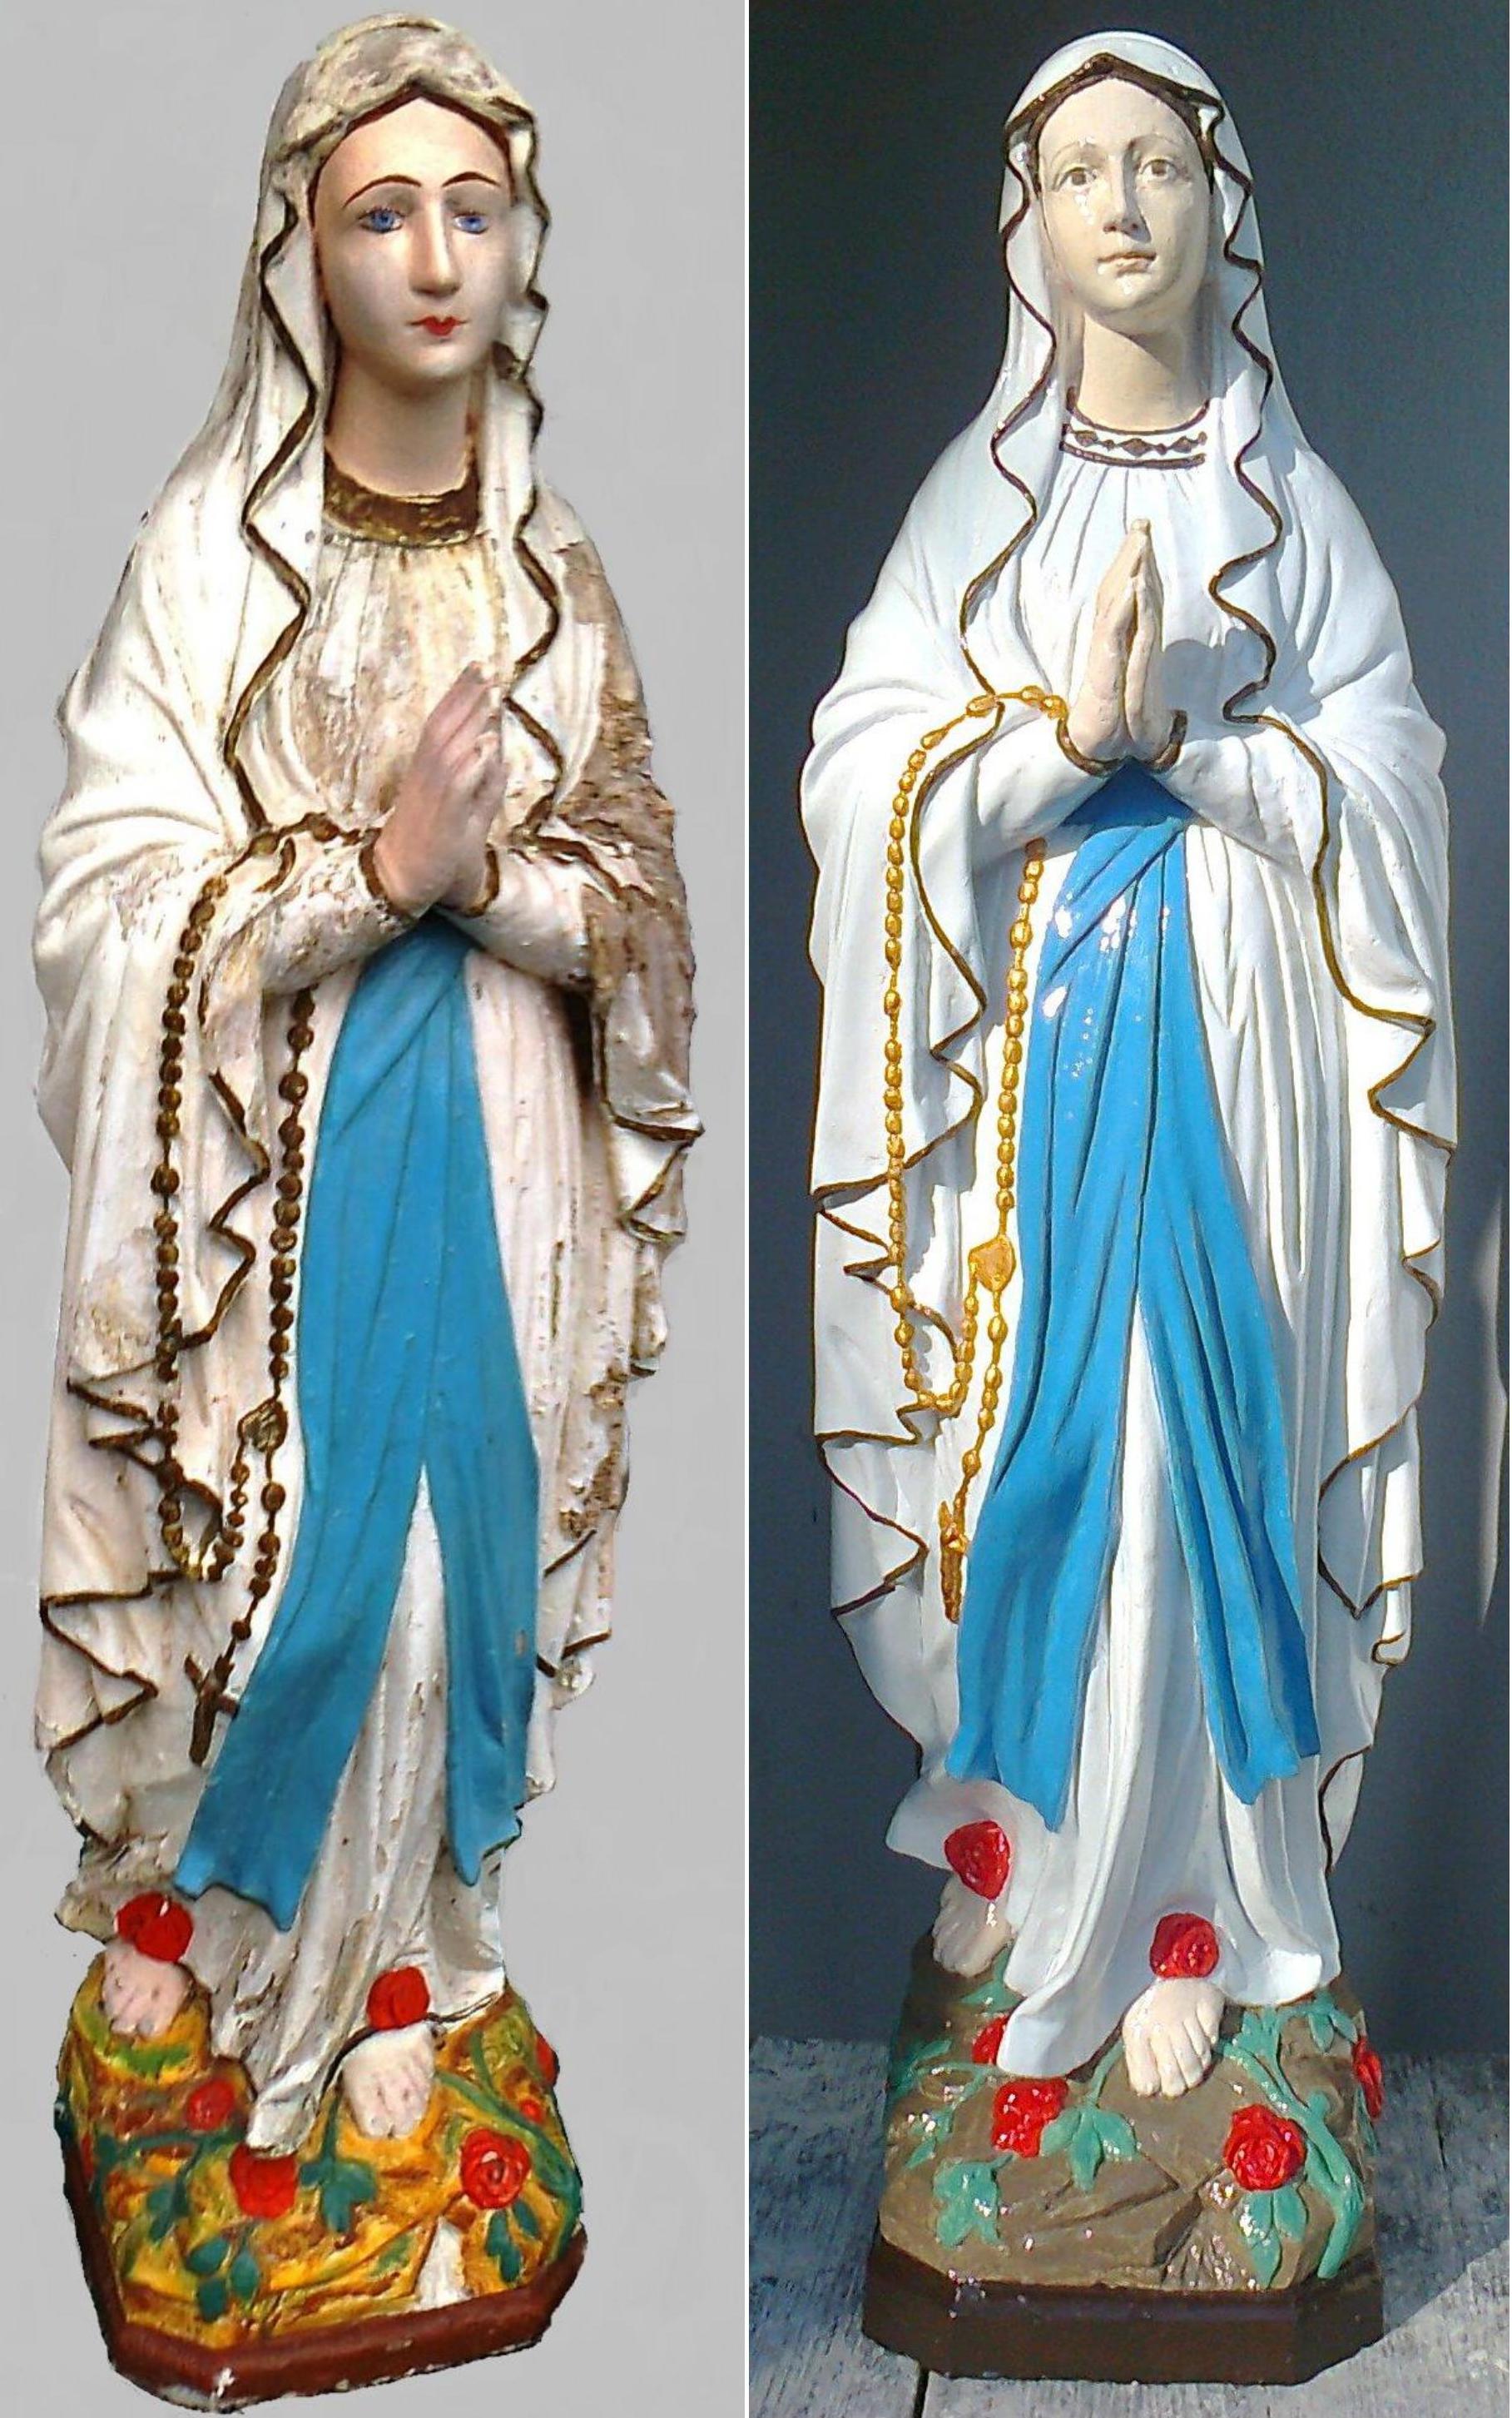 Festett Mária szobor rekonstrukció